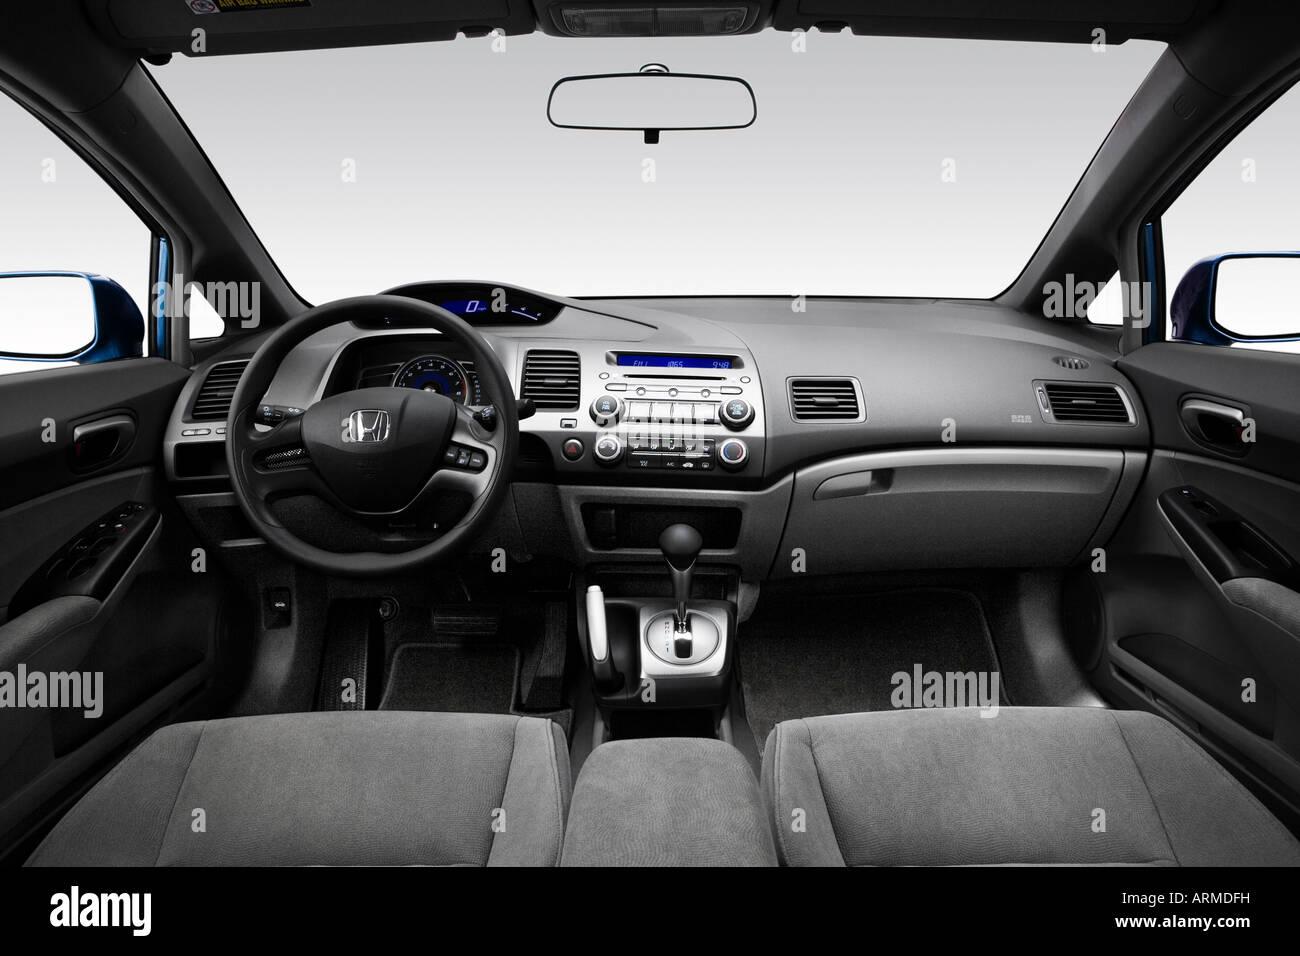 Kelebihan Kekurangan Honda Civic 2008 Harga